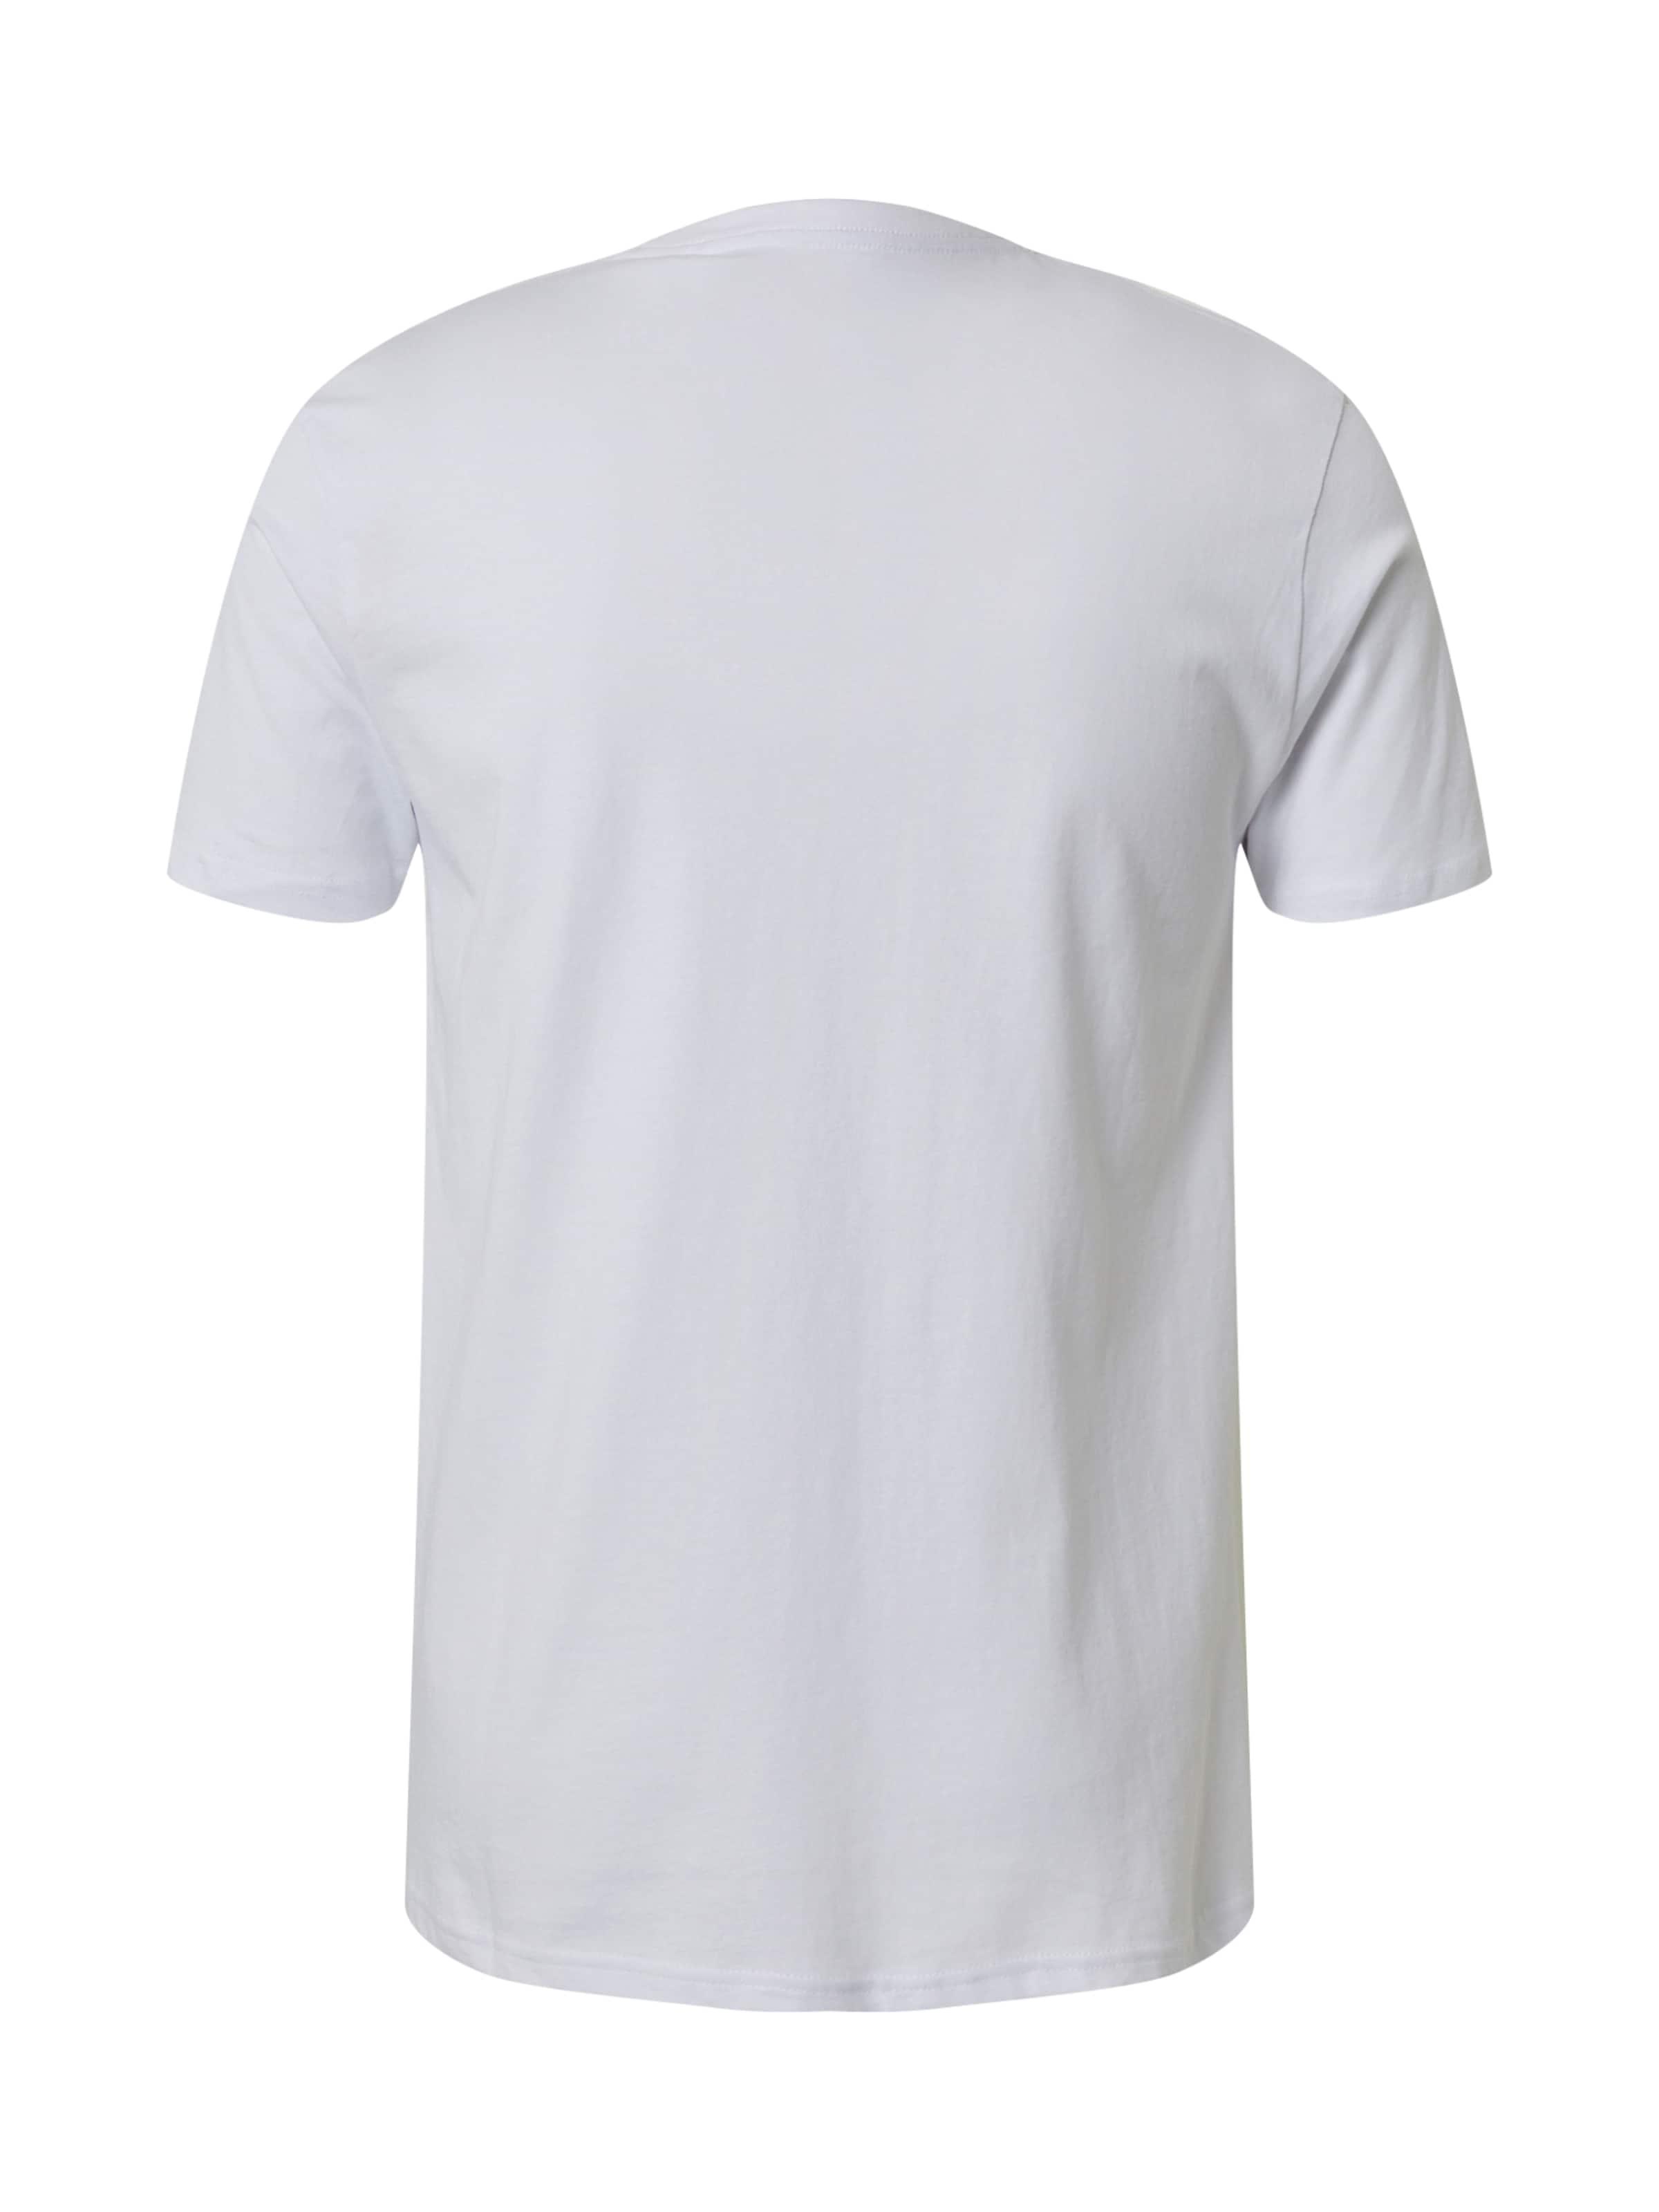 SHINE ORIGINAL Shirt in rot / weiß Jersey SHO0100002000001